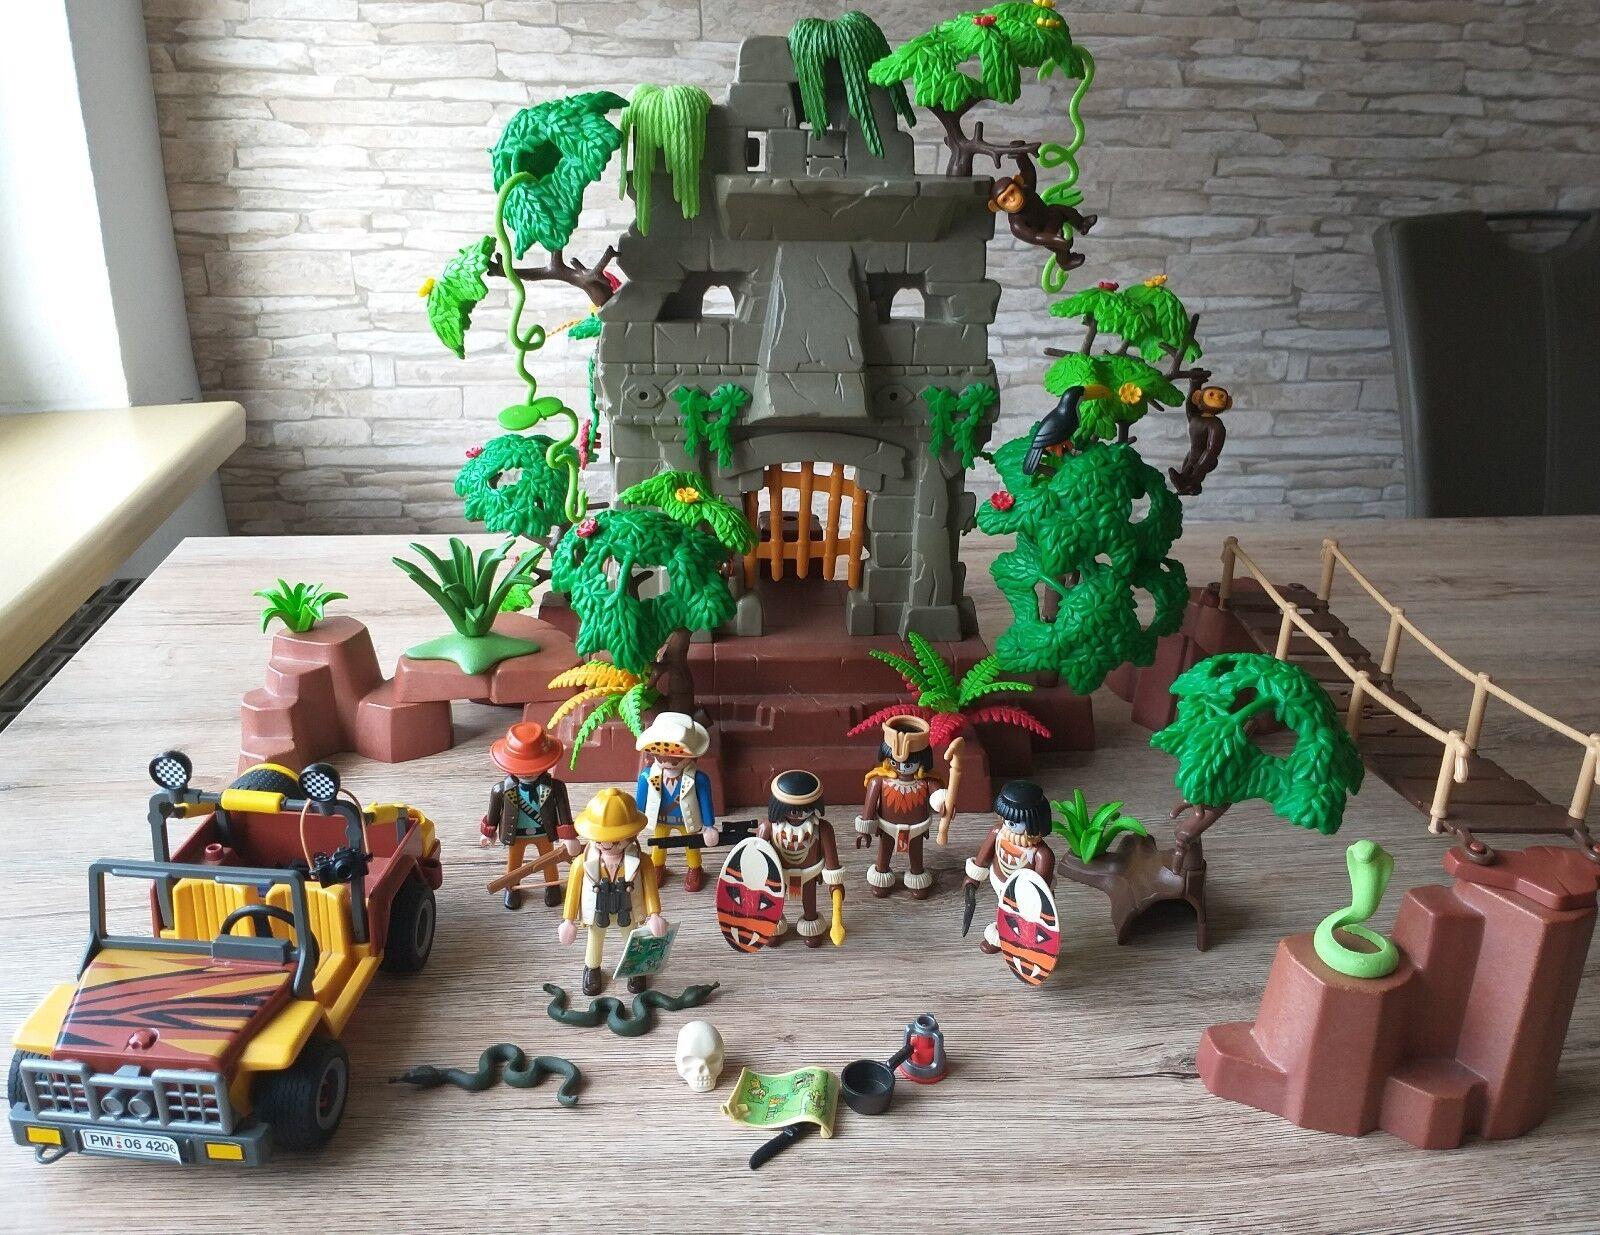 Playmobil 3015 3018 Dschungelruine Dschungelexpedition Figure Tiere Action RAR